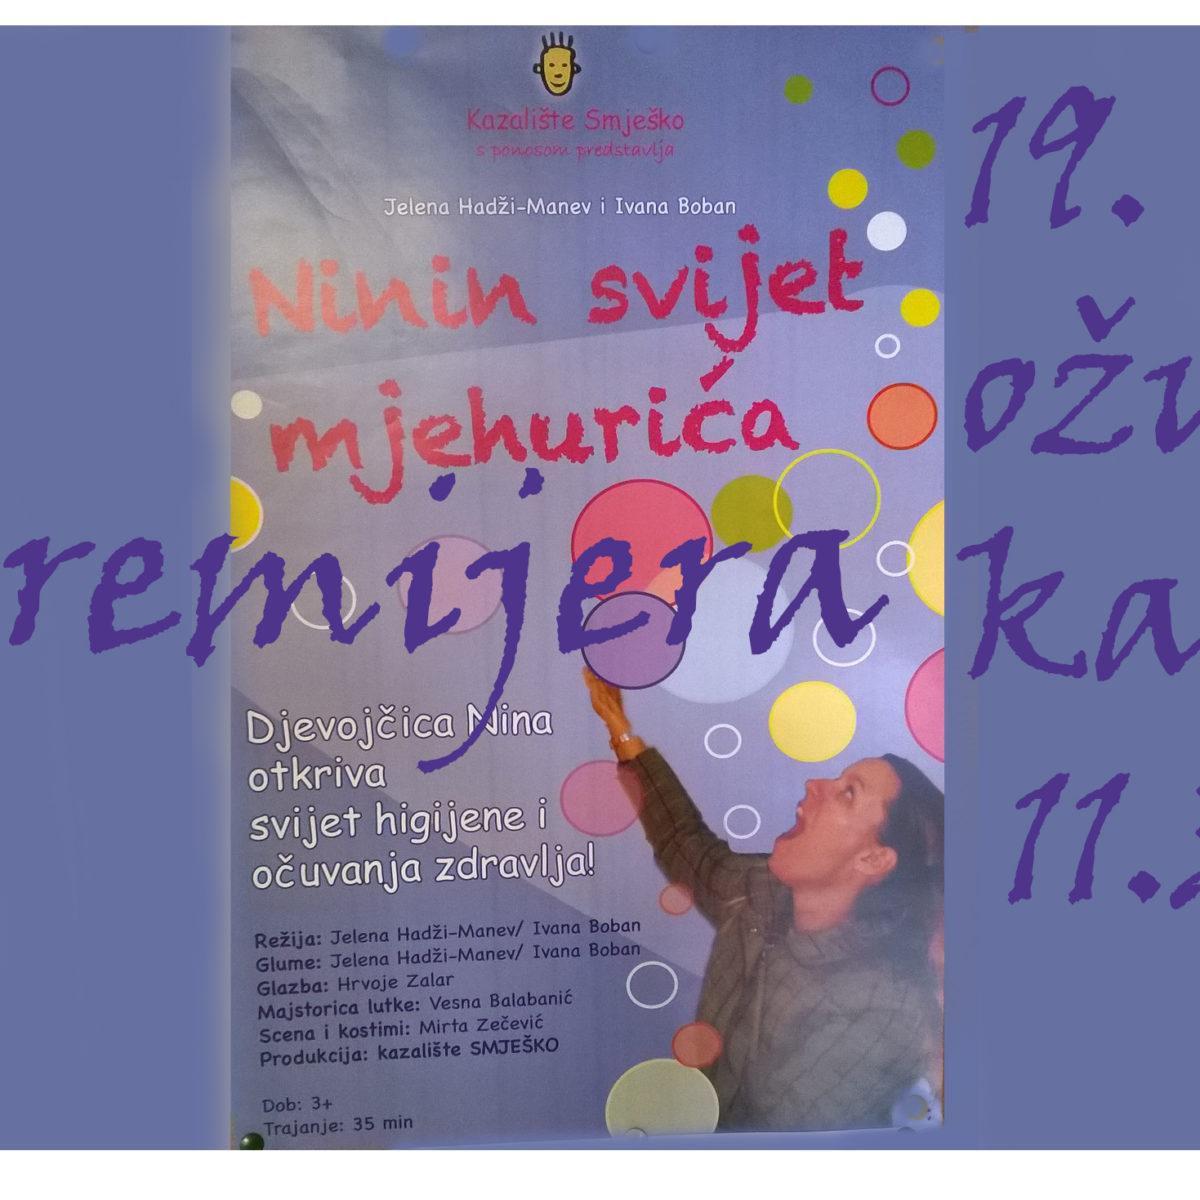 PREMIJERA: Ninin svijet mjehurića / Kazalište Smješko / 19. 3. / 11.30 / dob 3+